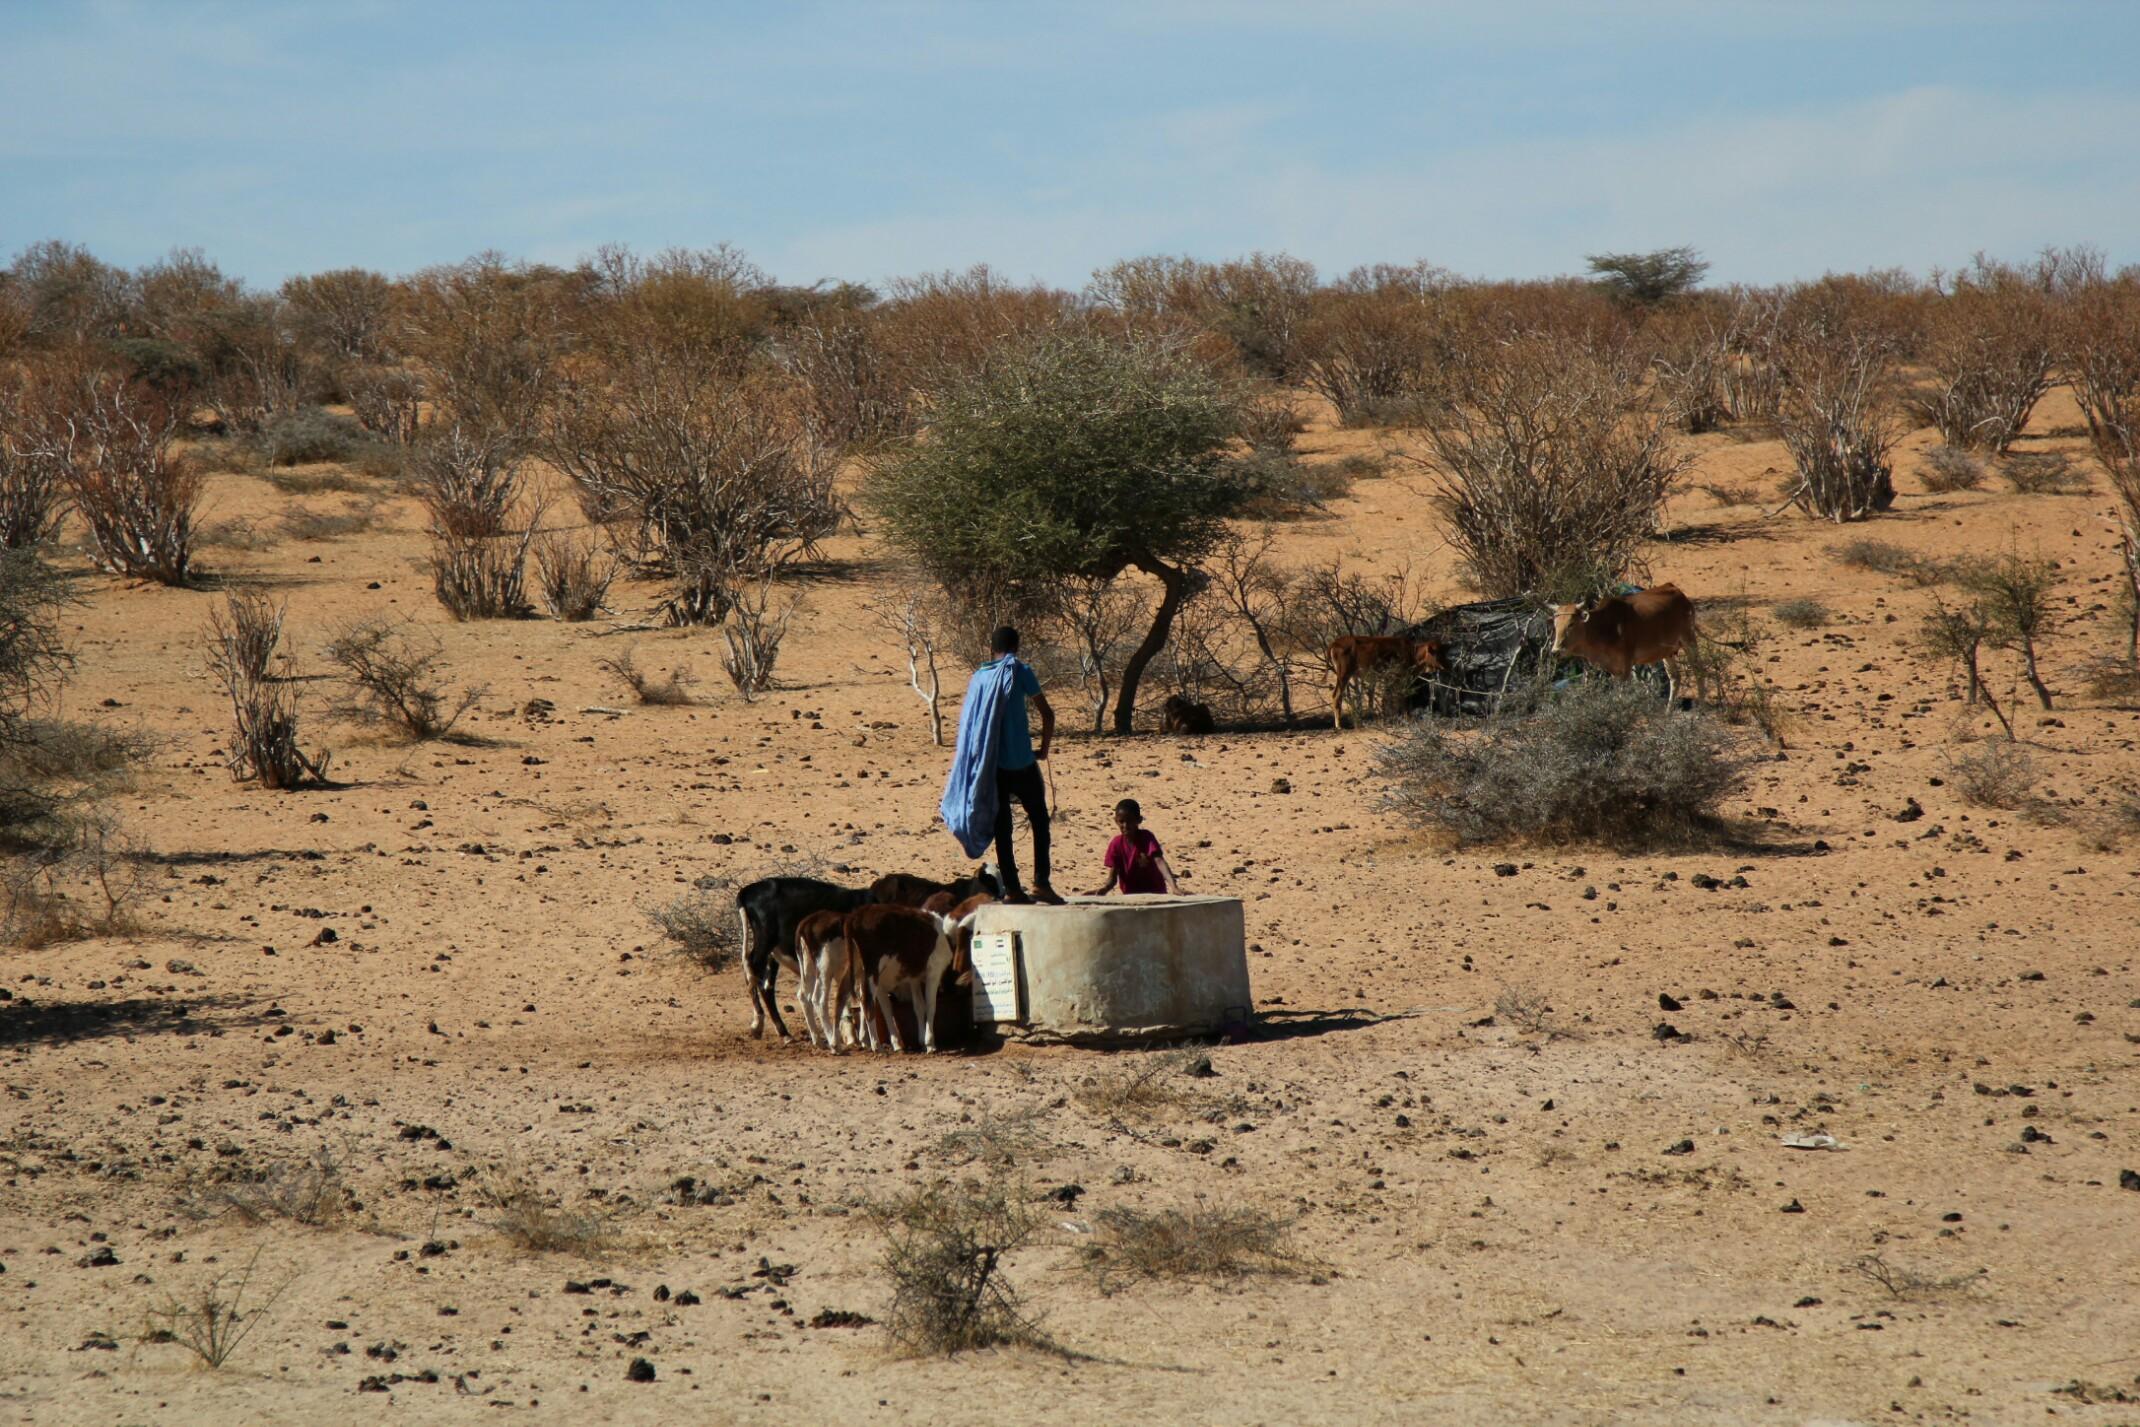 Mauretania.Wioska.Chłopiec przy studni.